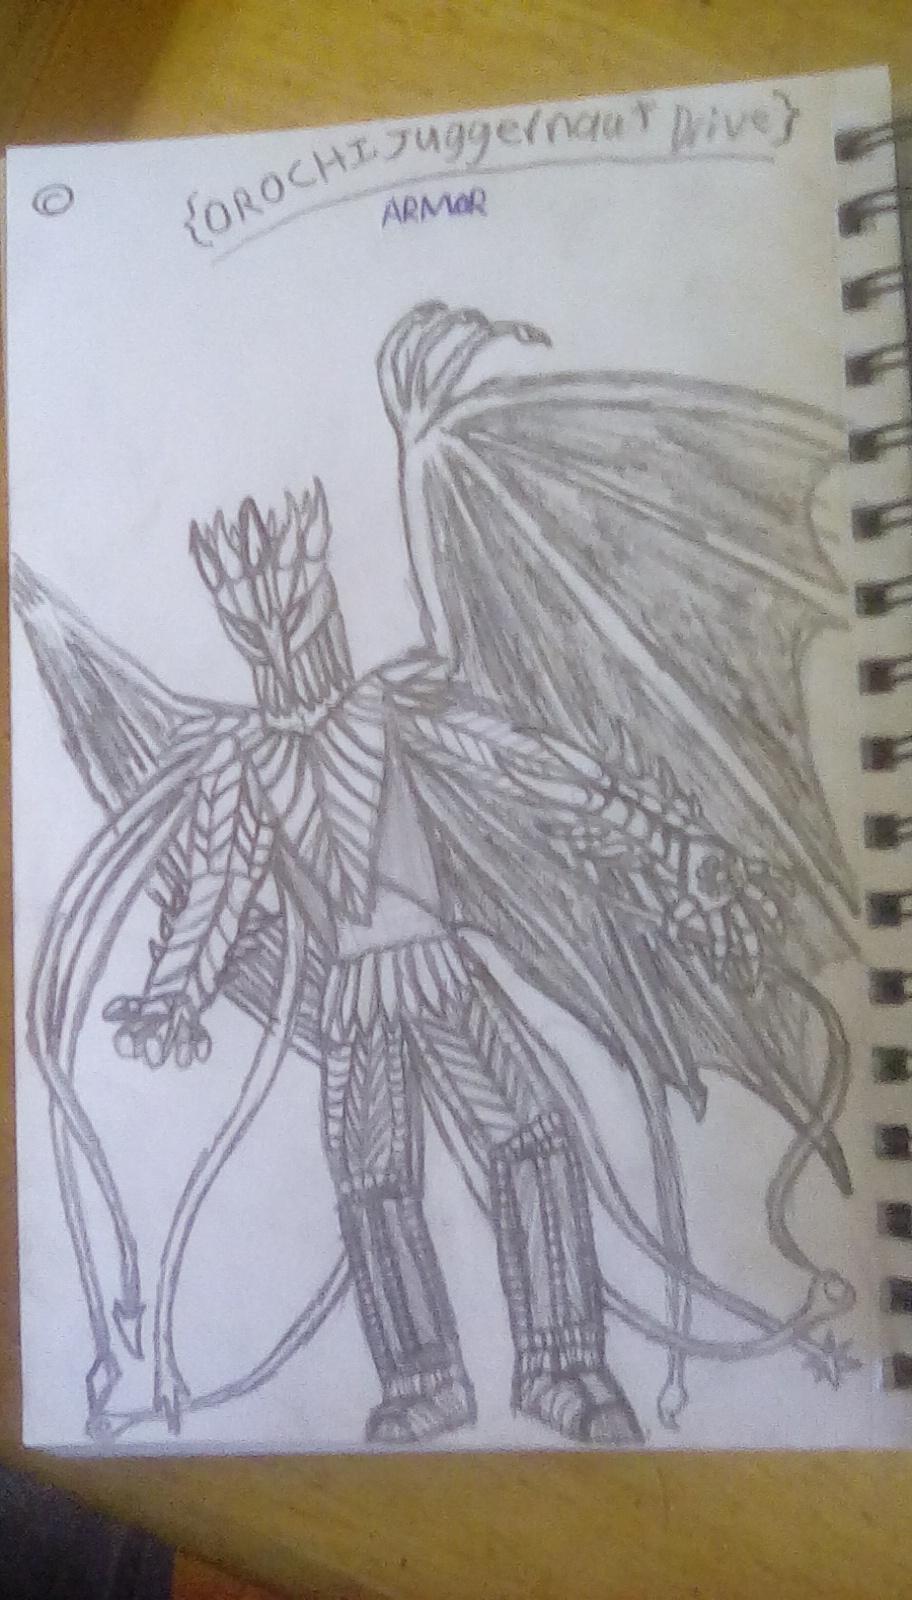 Orochi Cosmos Gear